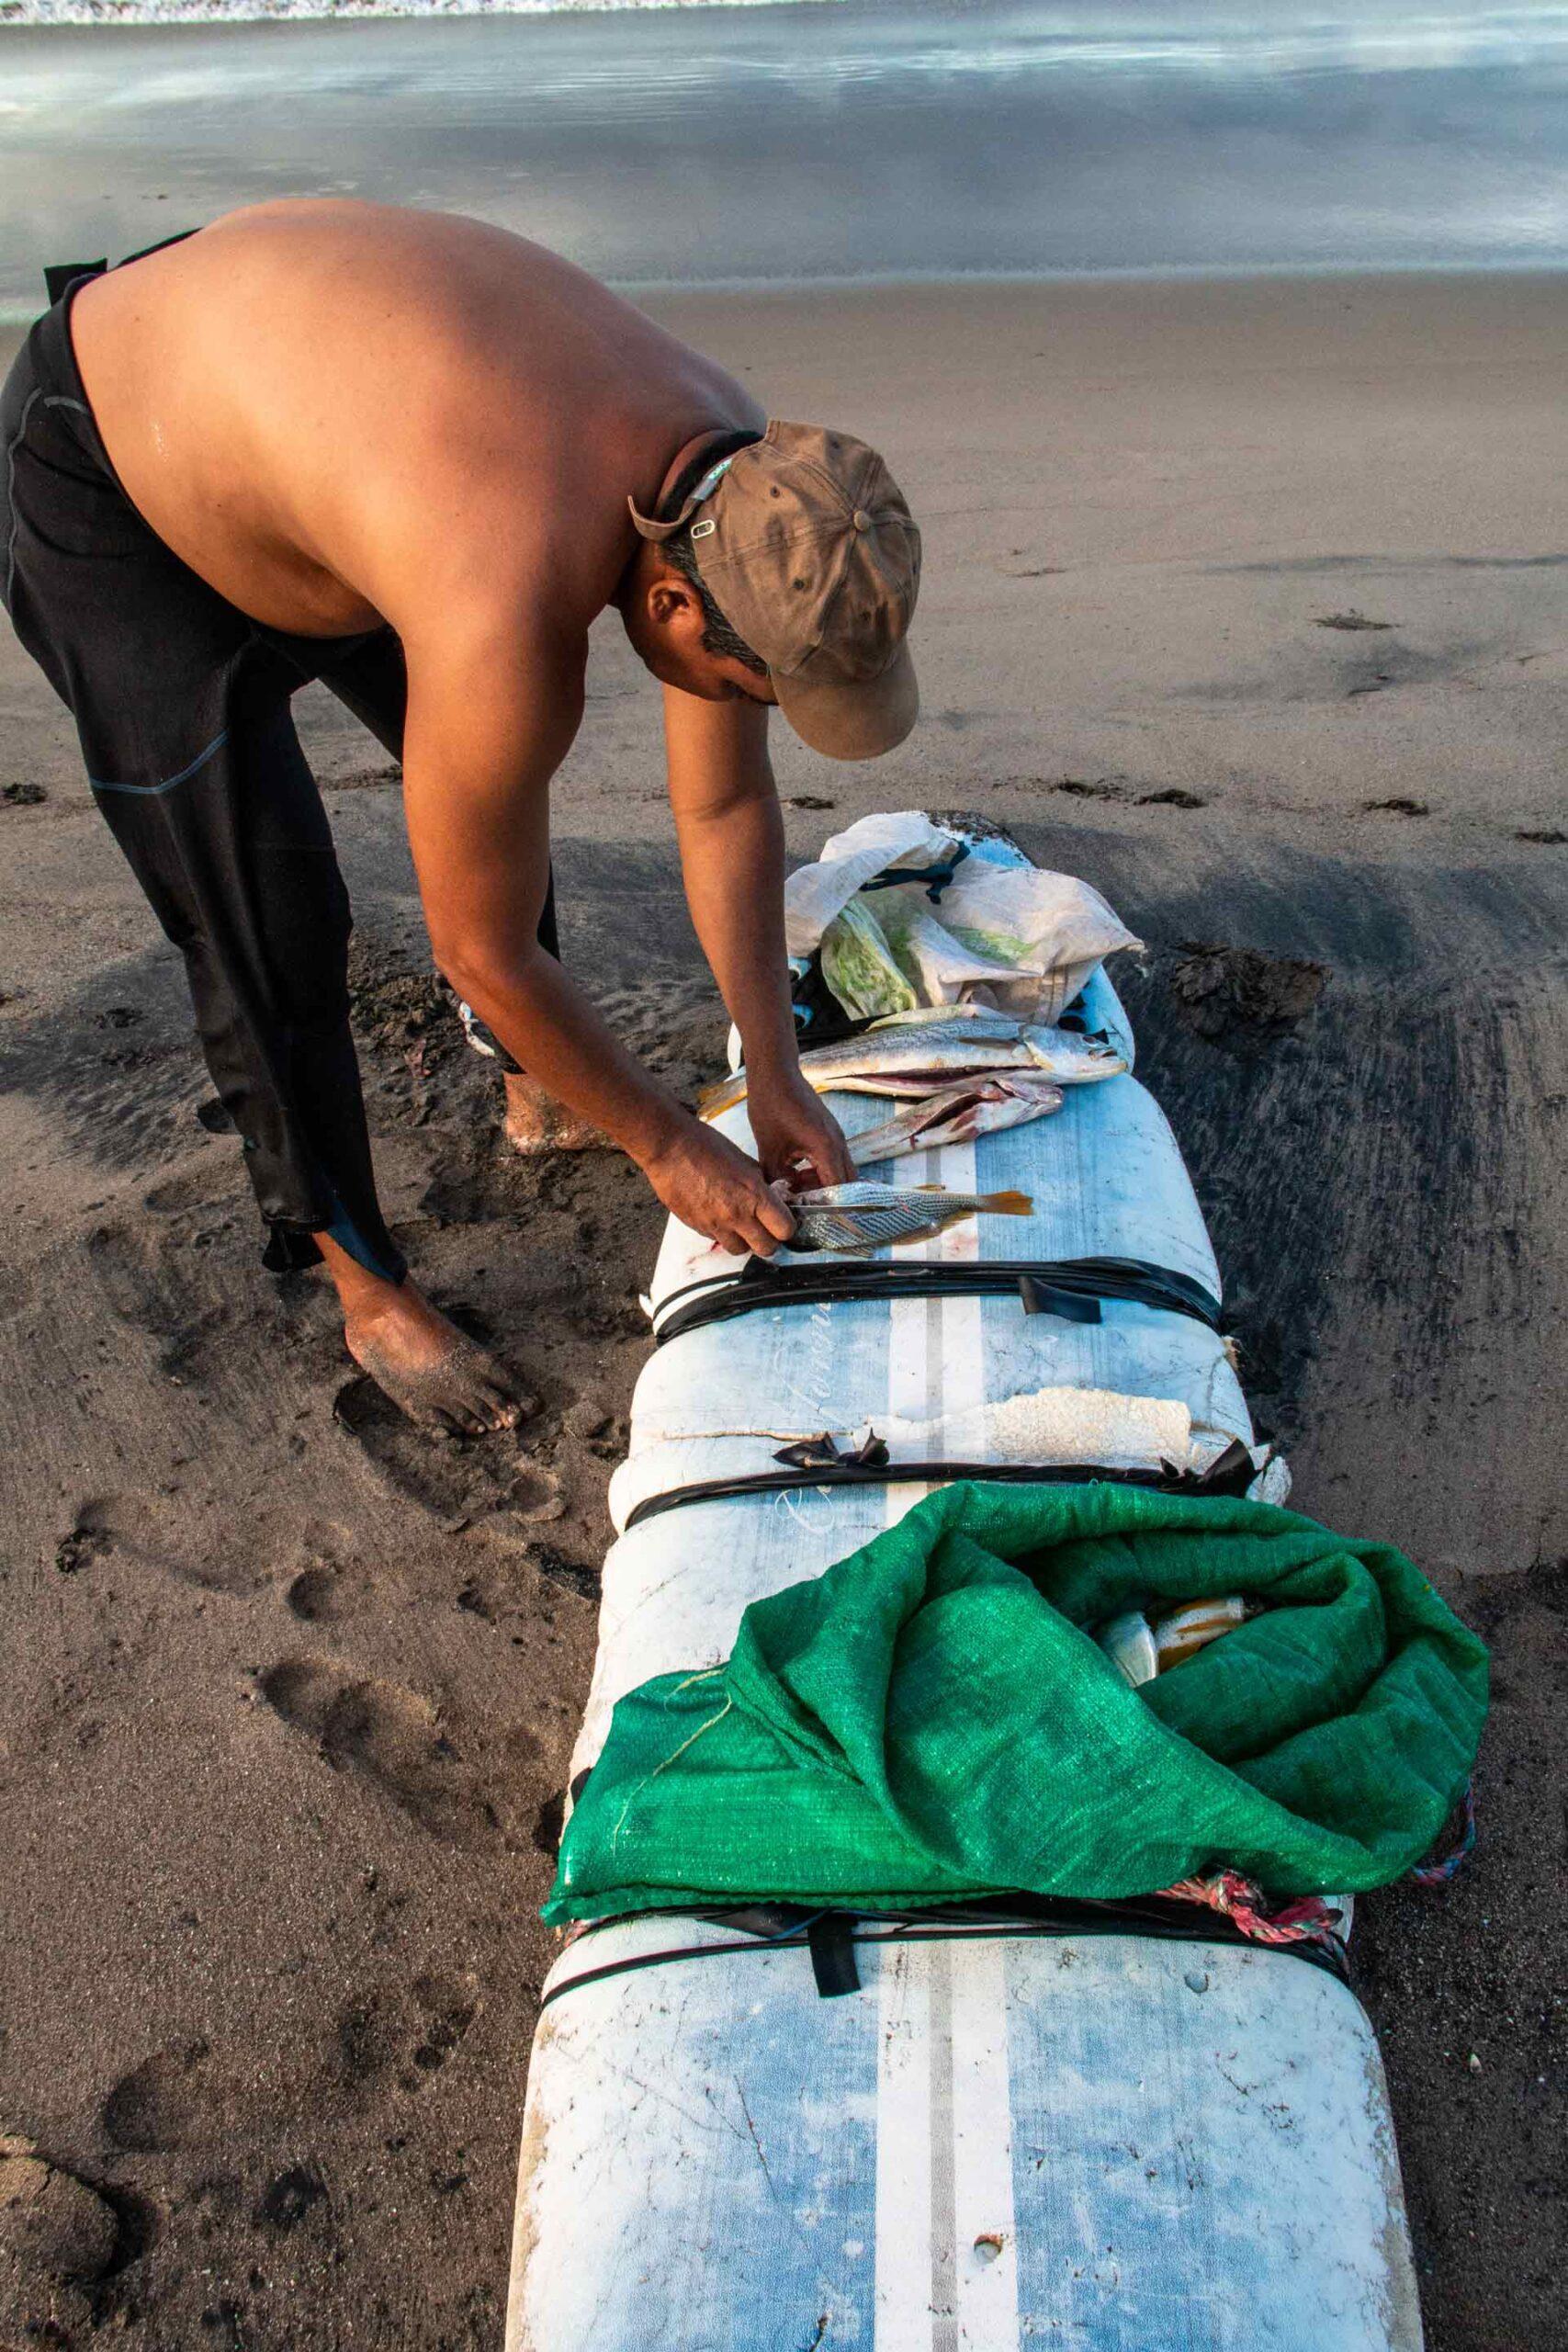 Fisherman at Playa Guasacate Nicaragua